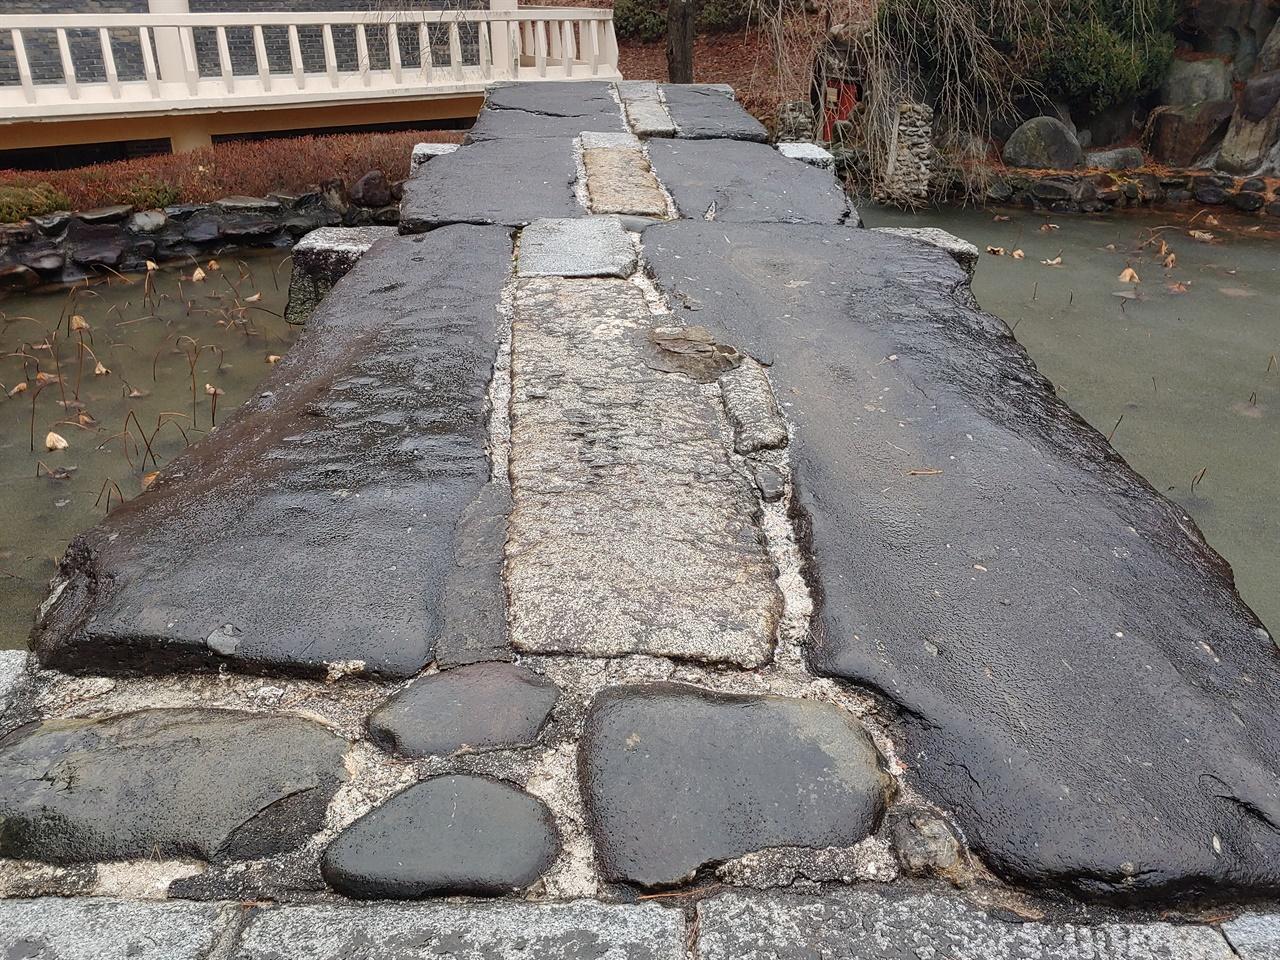 청석교 상판 넓적하고 긴 널돌 6개를 가장자리에 거치하였다. 널돌 사이는 화강암을 다듬어 틈새를 메워 상판을 완성하였다.